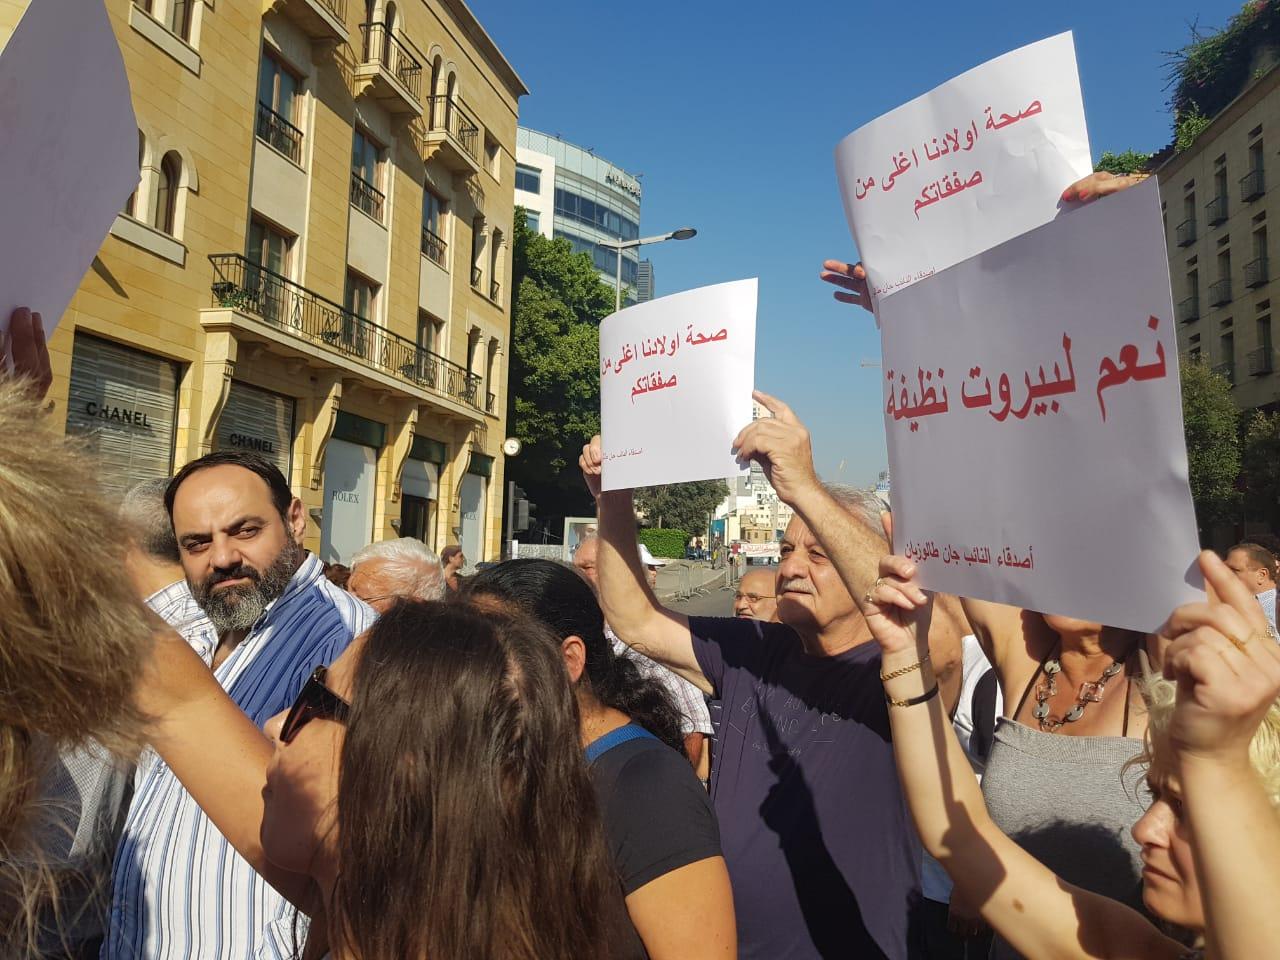 بلدية بيروت تؤجل اجتماعها قبل اعتصام رفض المحرقة